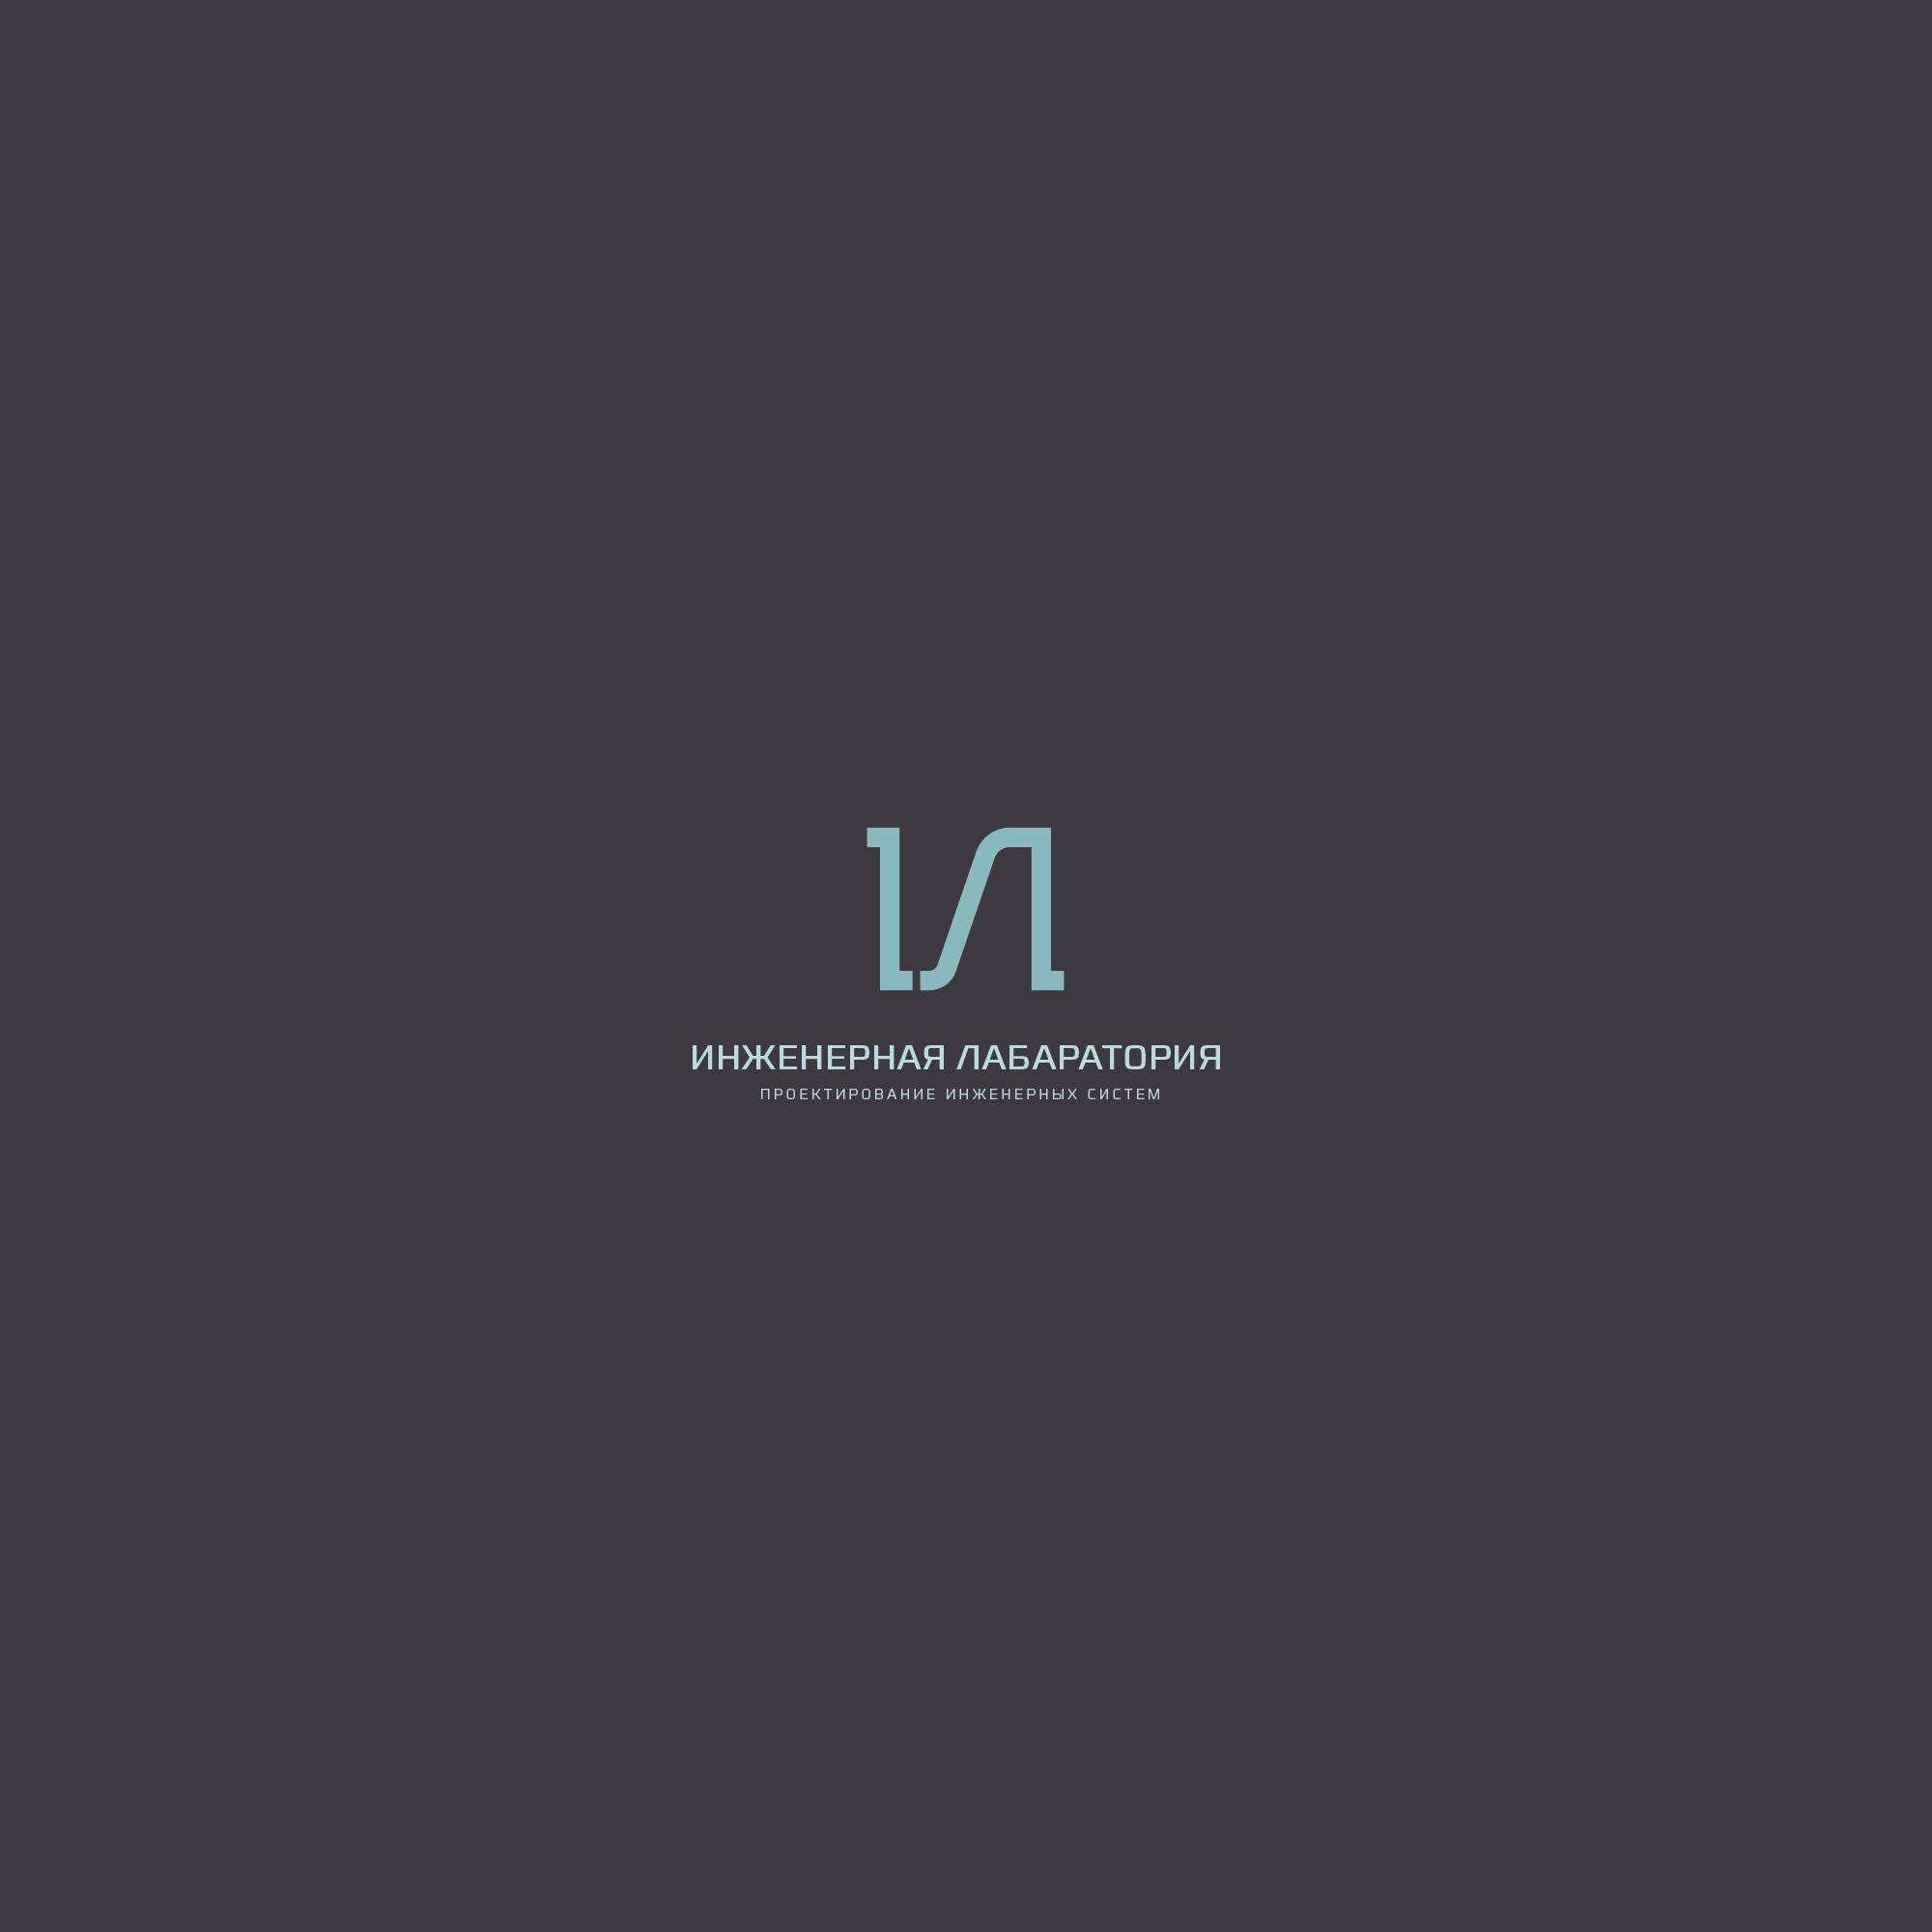 Лого и фирменный стиль для Инженерная лаборатория  - дизайнер nuttale